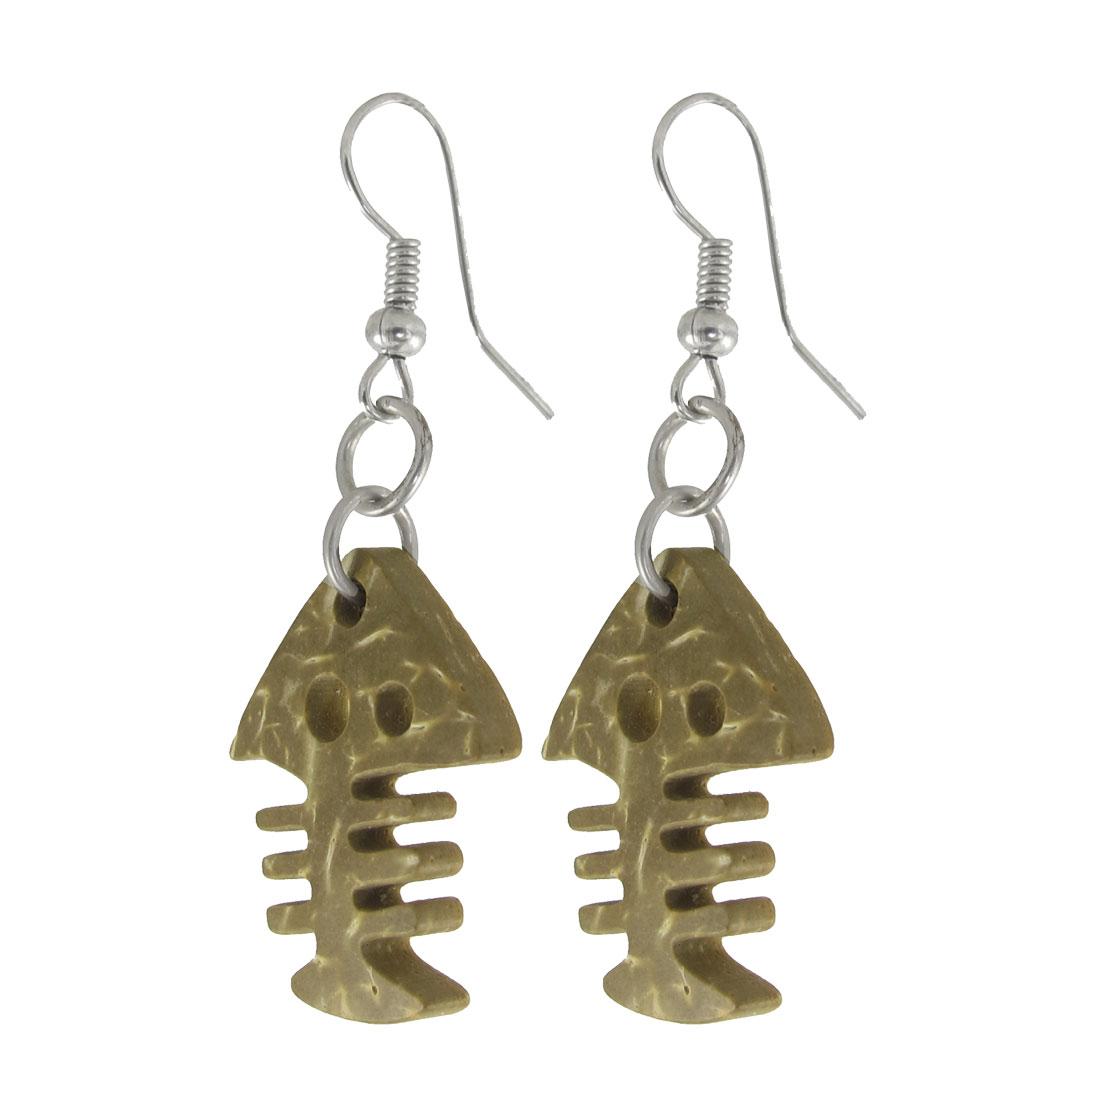 Lady Wooden Fishbone Earbob Fish Hook Earrings Pierced Eardrop Pair